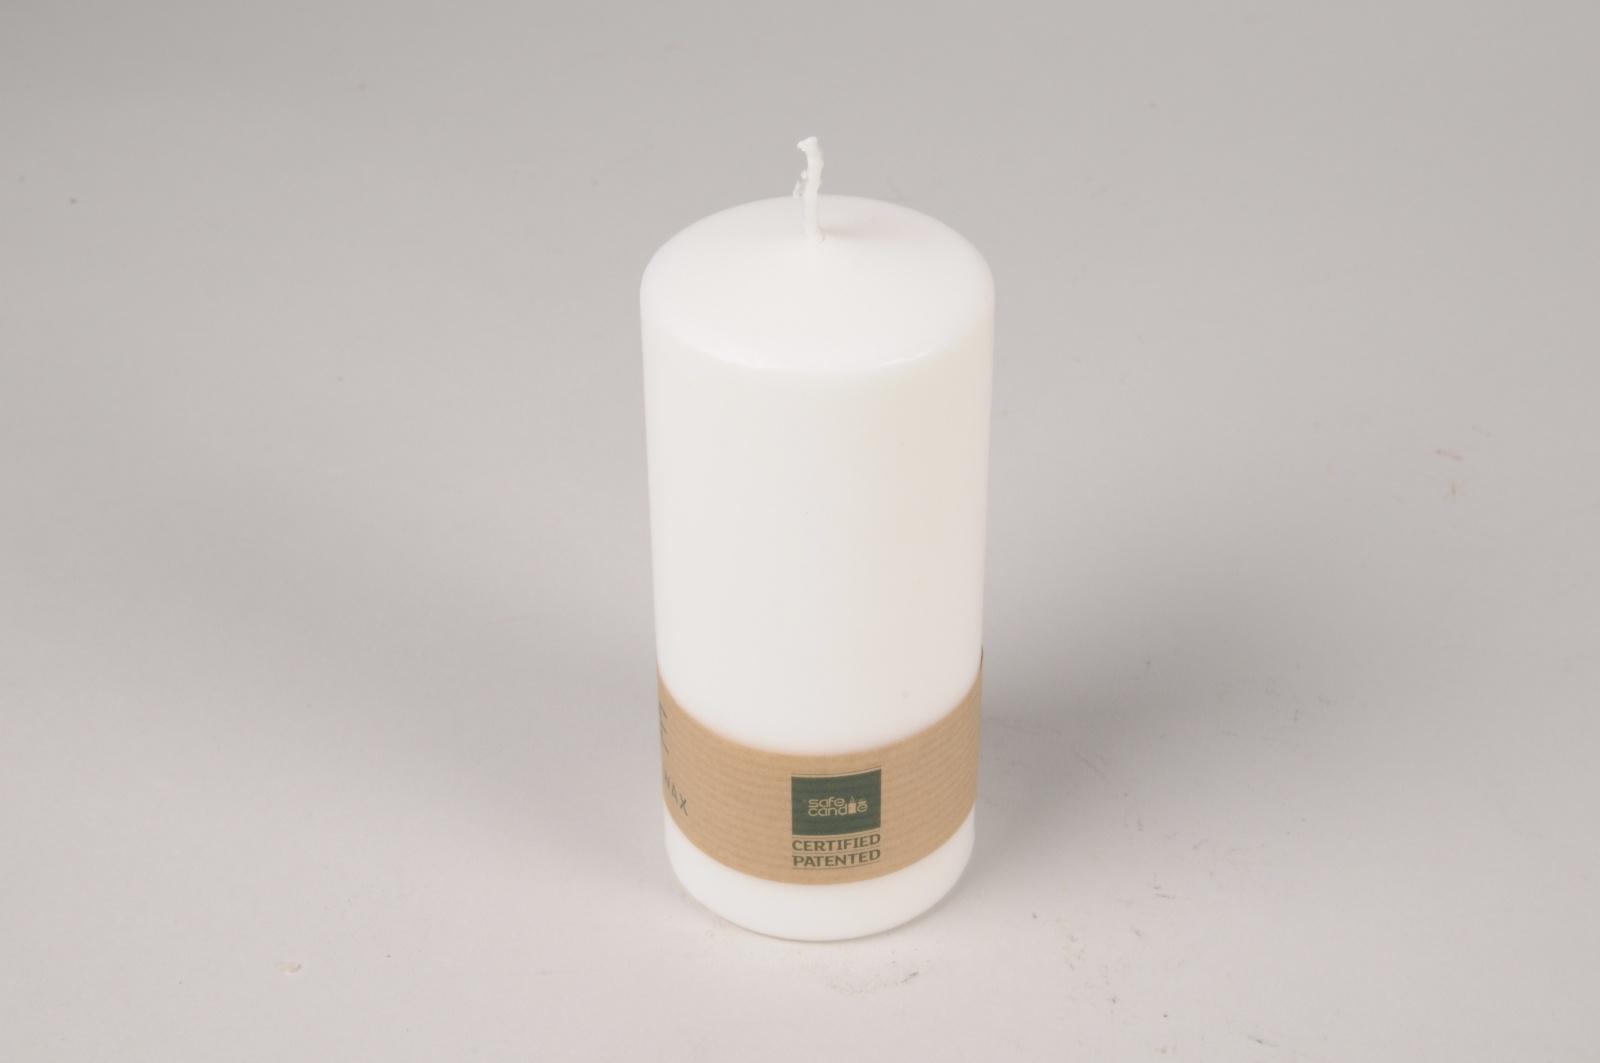 A019RP Boîte de 12 bougies blanches naturelles D5.5cm H13cm